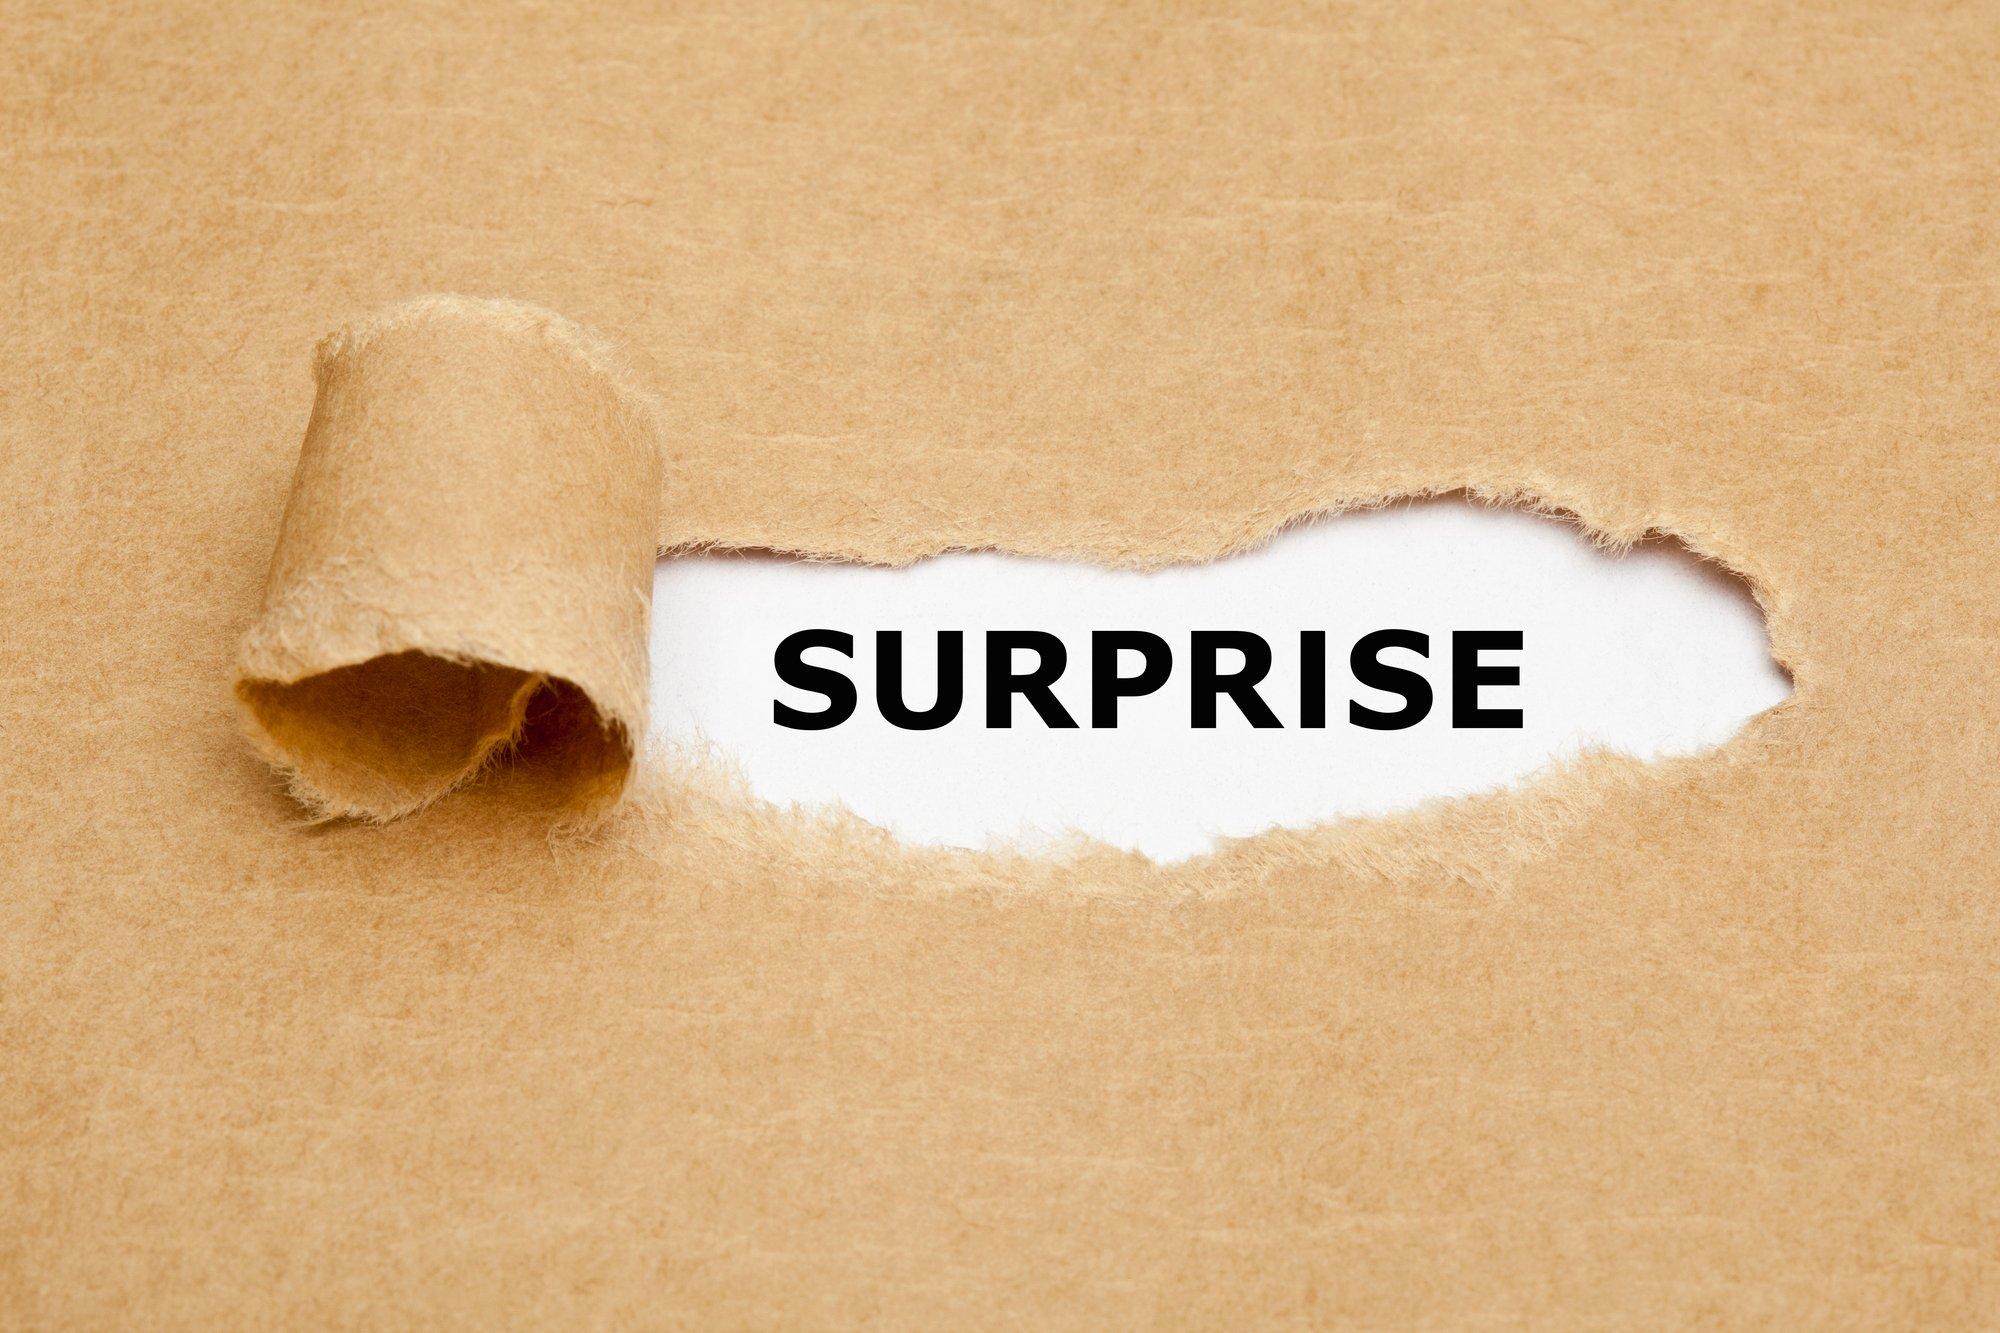 Surprise Torn Paper Concept